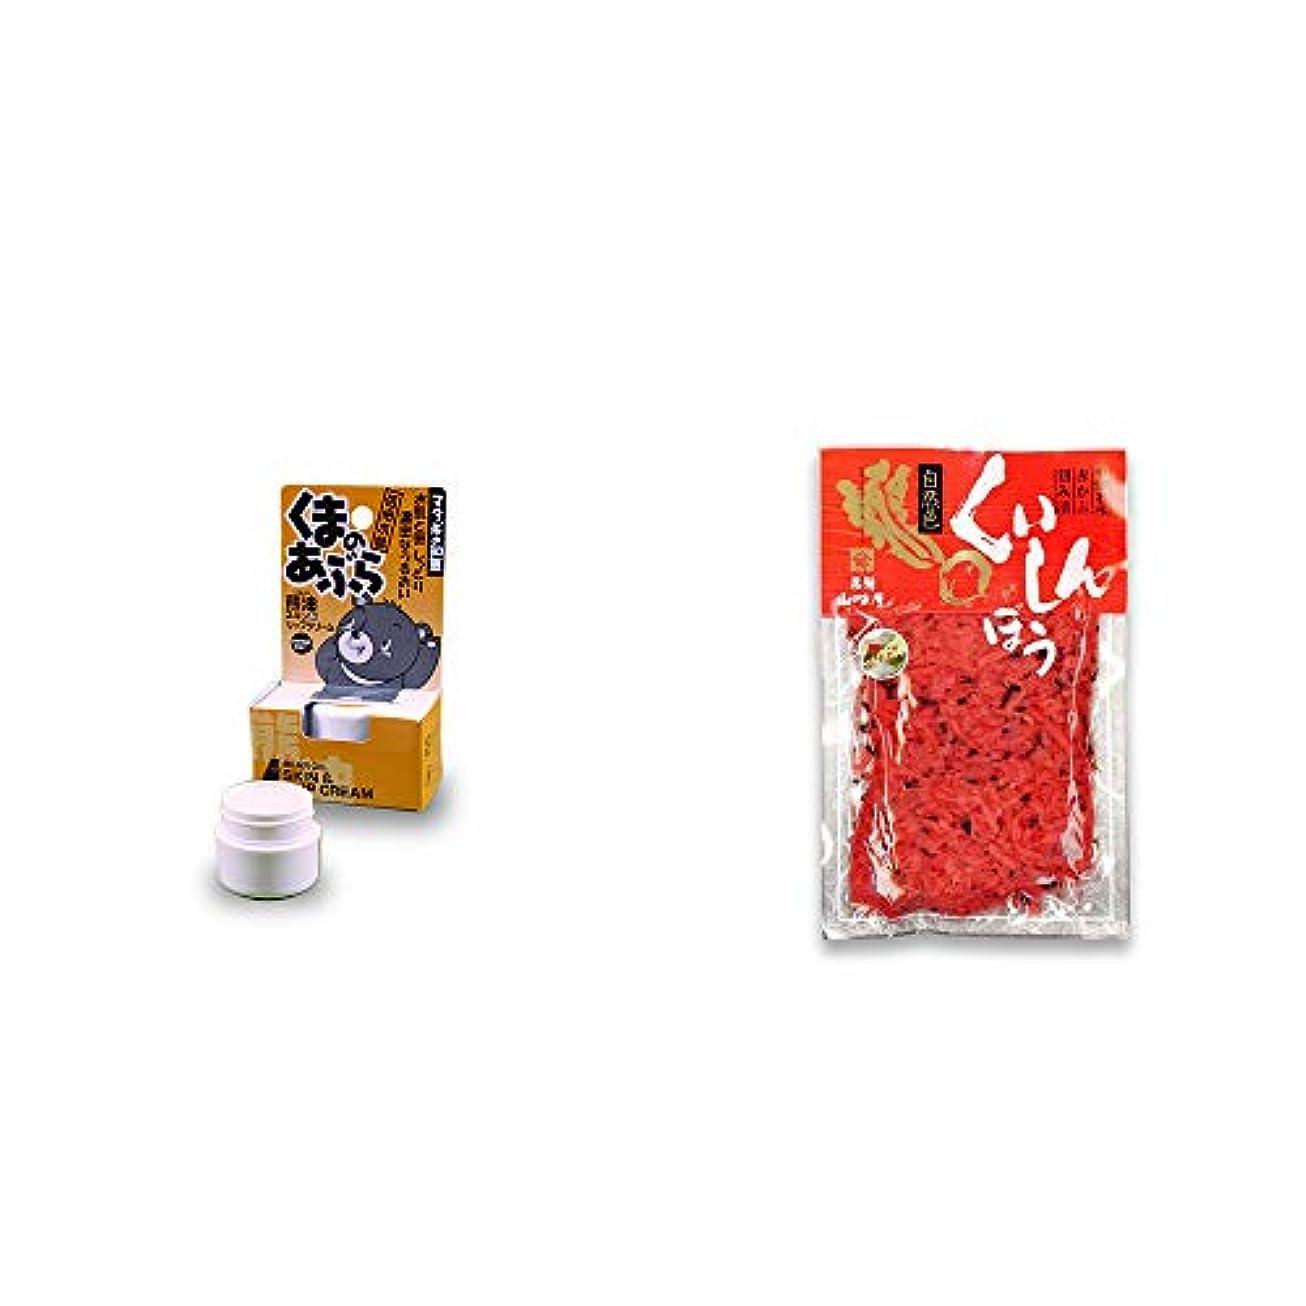 ネコバッフル以上[2点セット] 信州木曽 くまのあぶら 熊油スキン&リップクリーム(9g)?飛騨山味屋 くいしんぼう【小】 (160g)